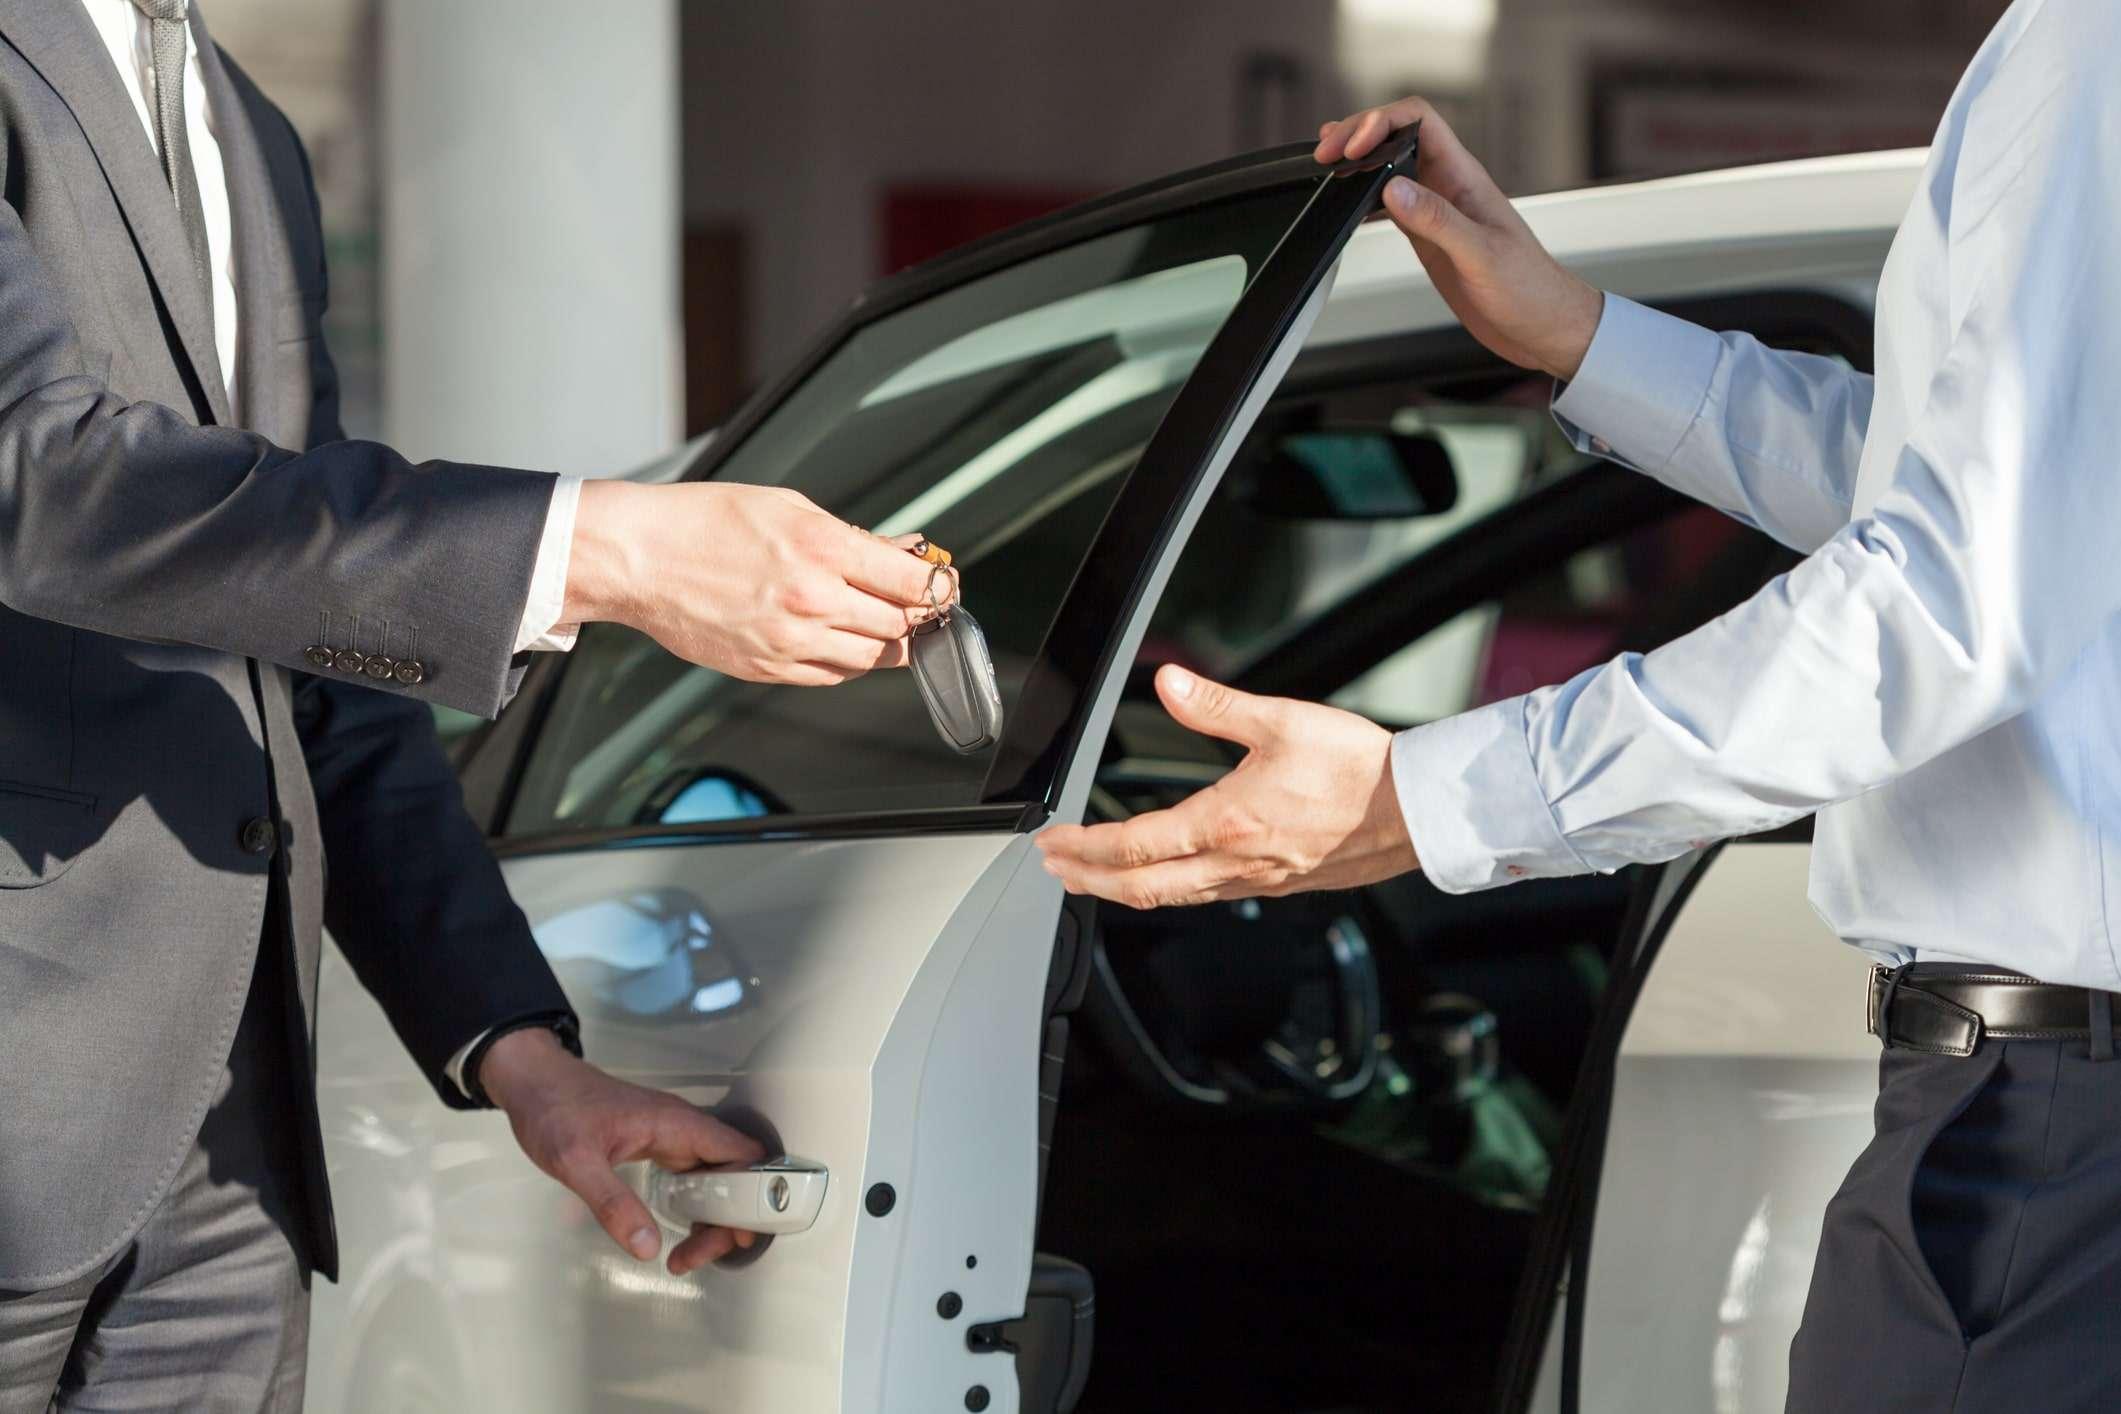 España cierra 2020 con una caída del 32,3% en matriculaciones de vehículos